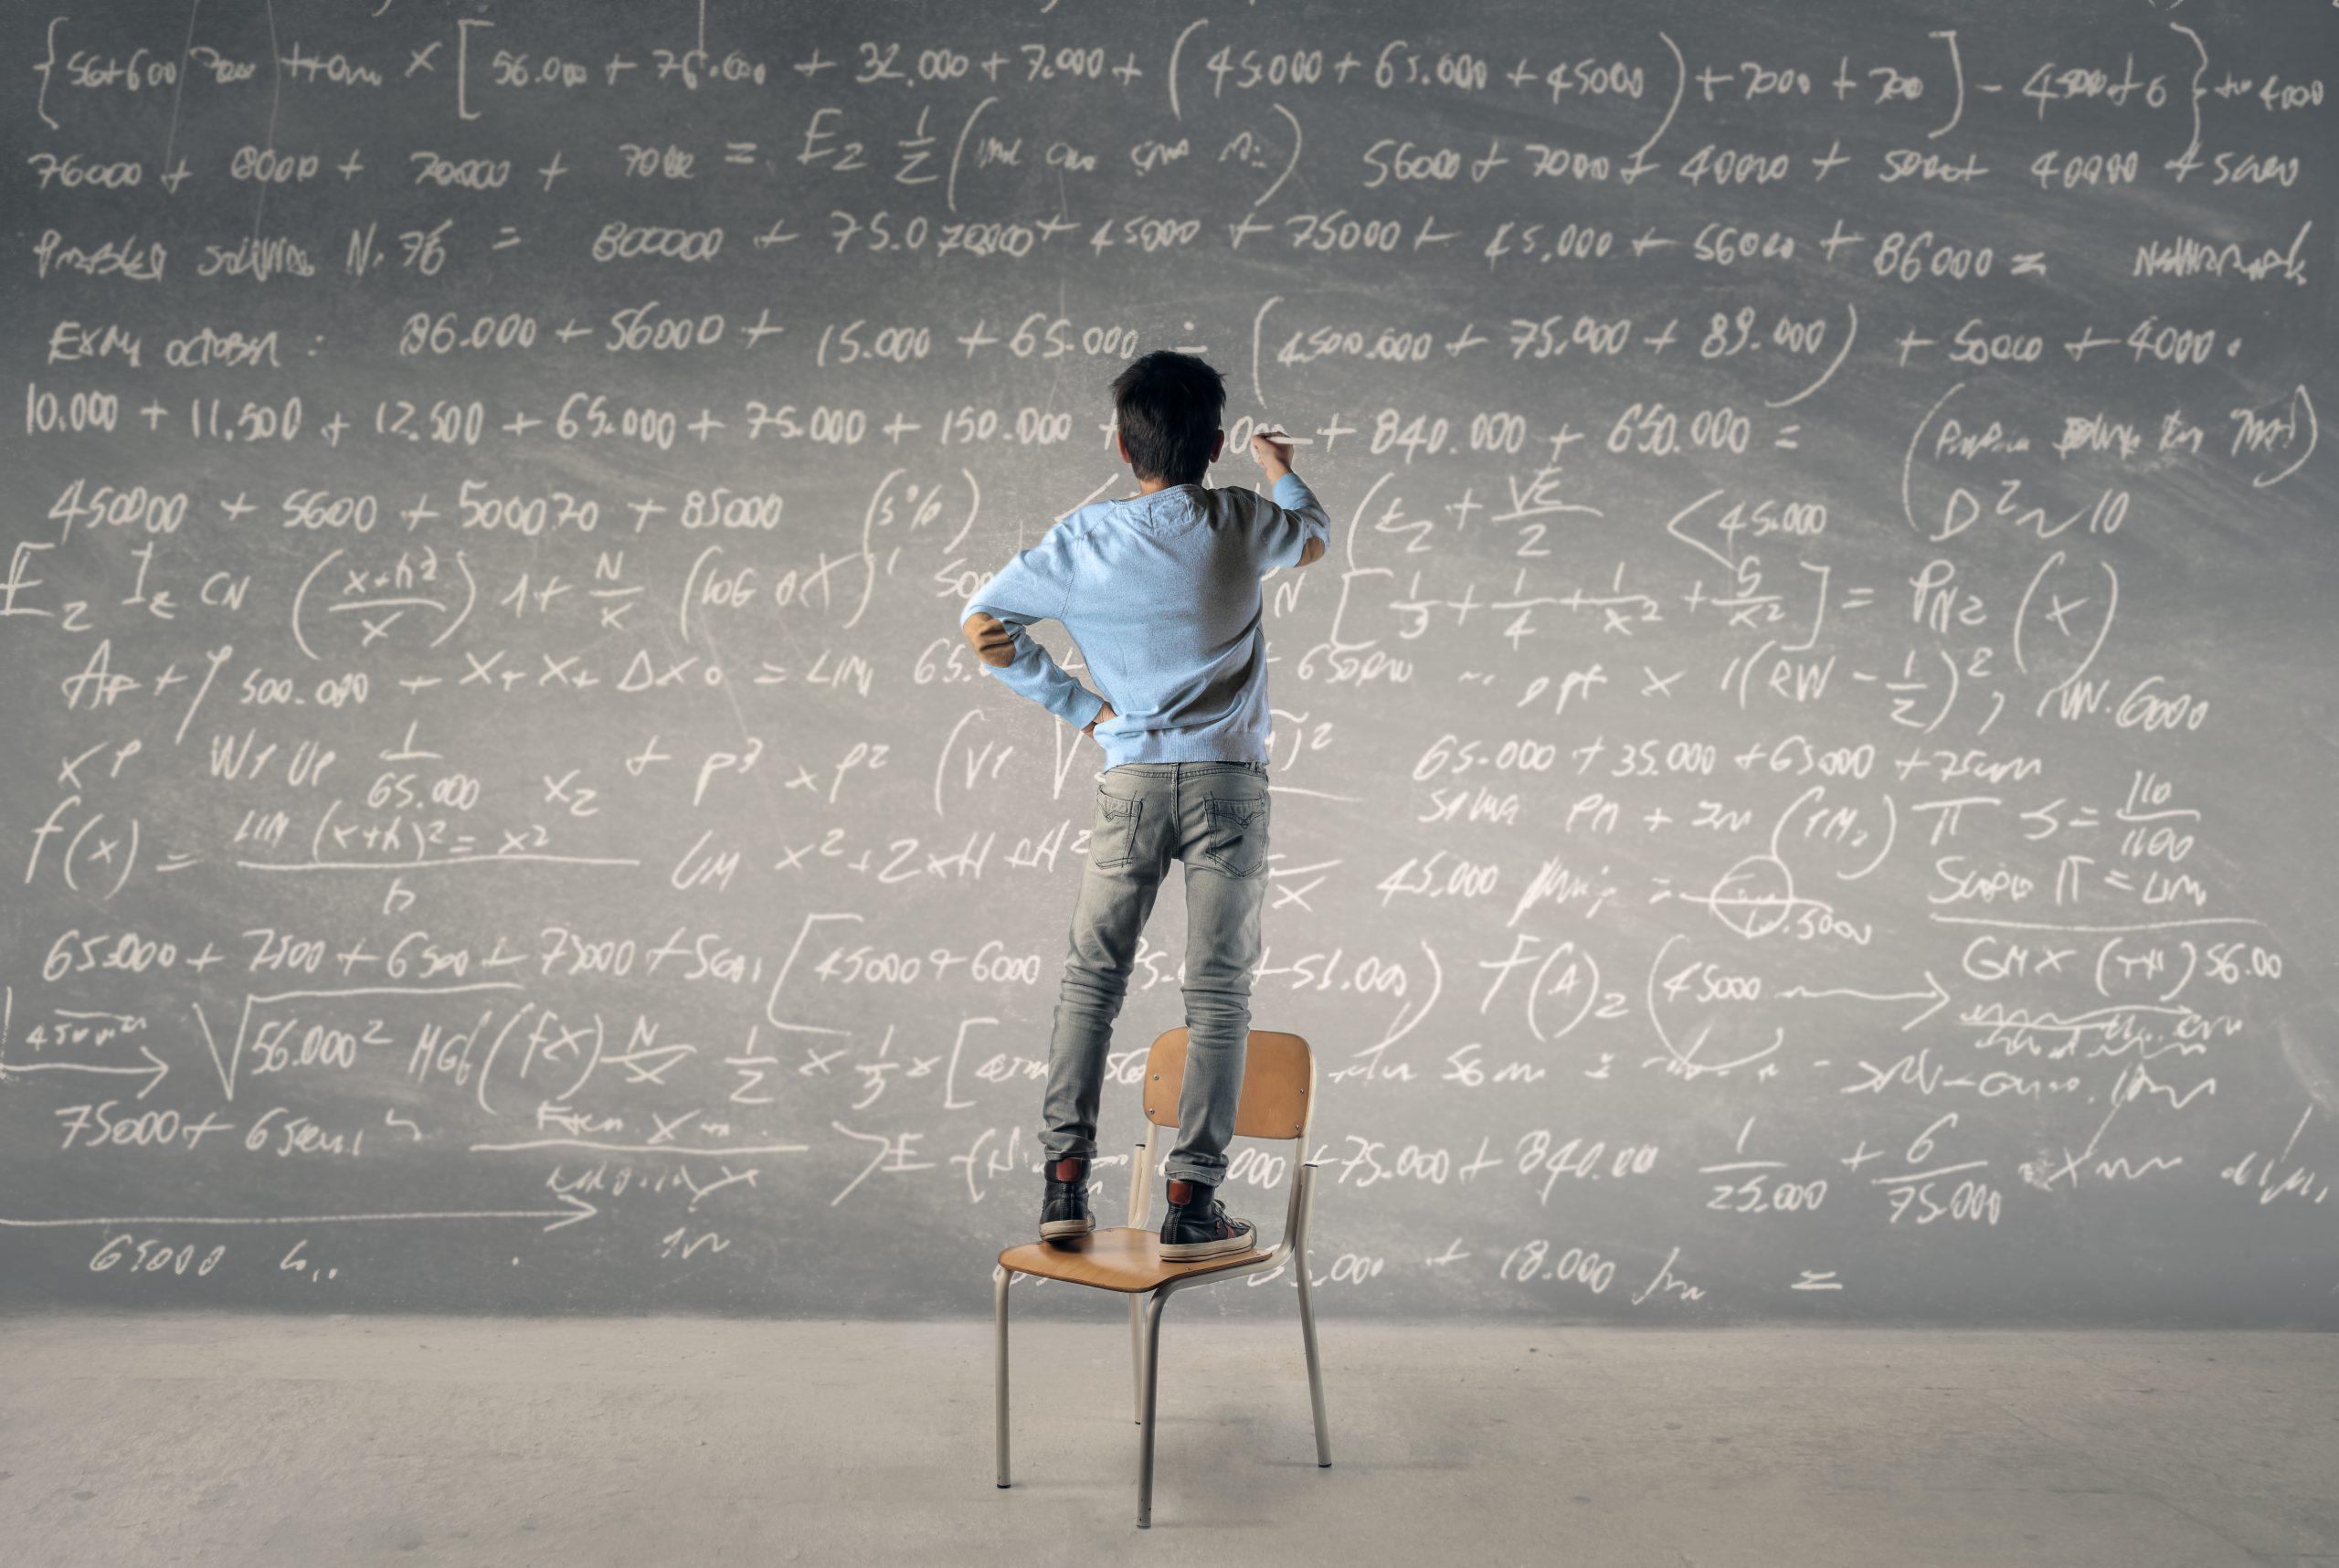 Upsoftskills - Problem solving course for kids